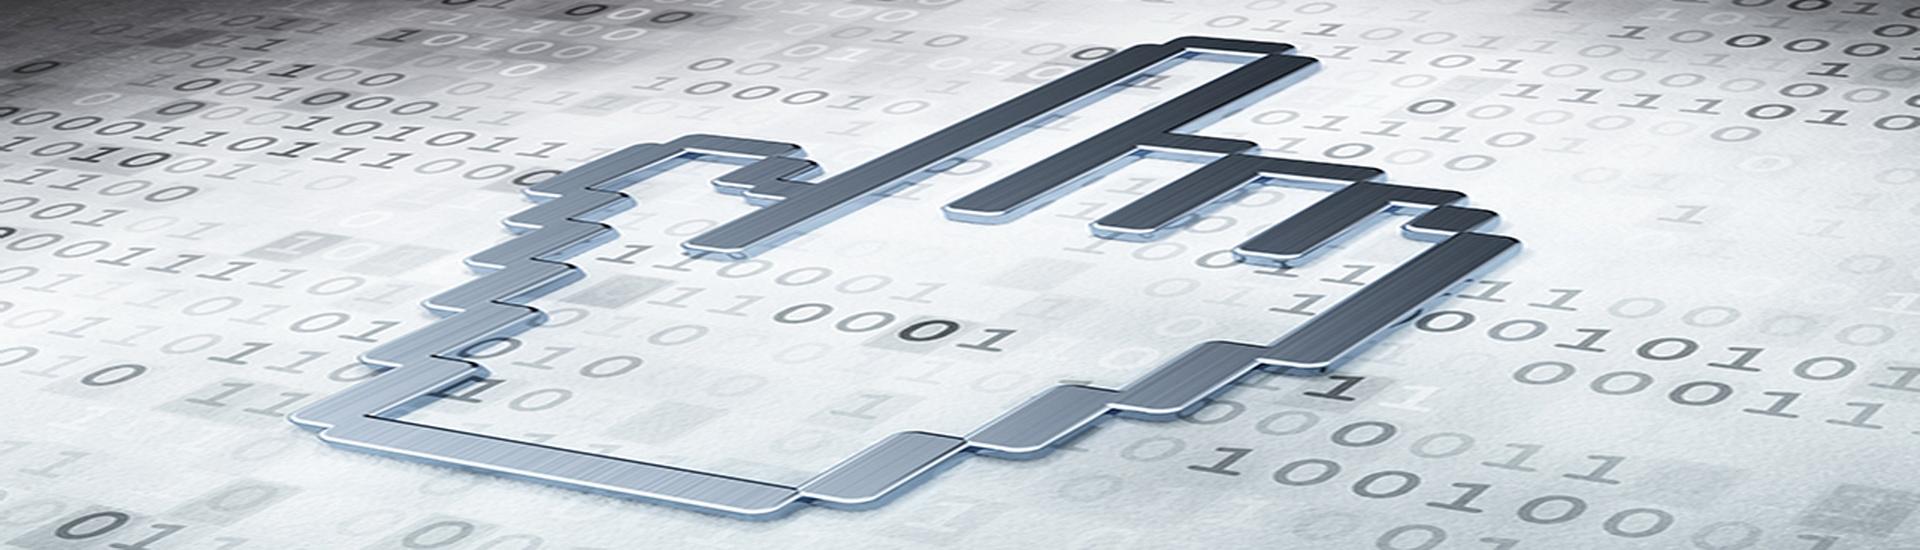 TCL彩电销量突破2000万台 液晶产业链垂直优势显现